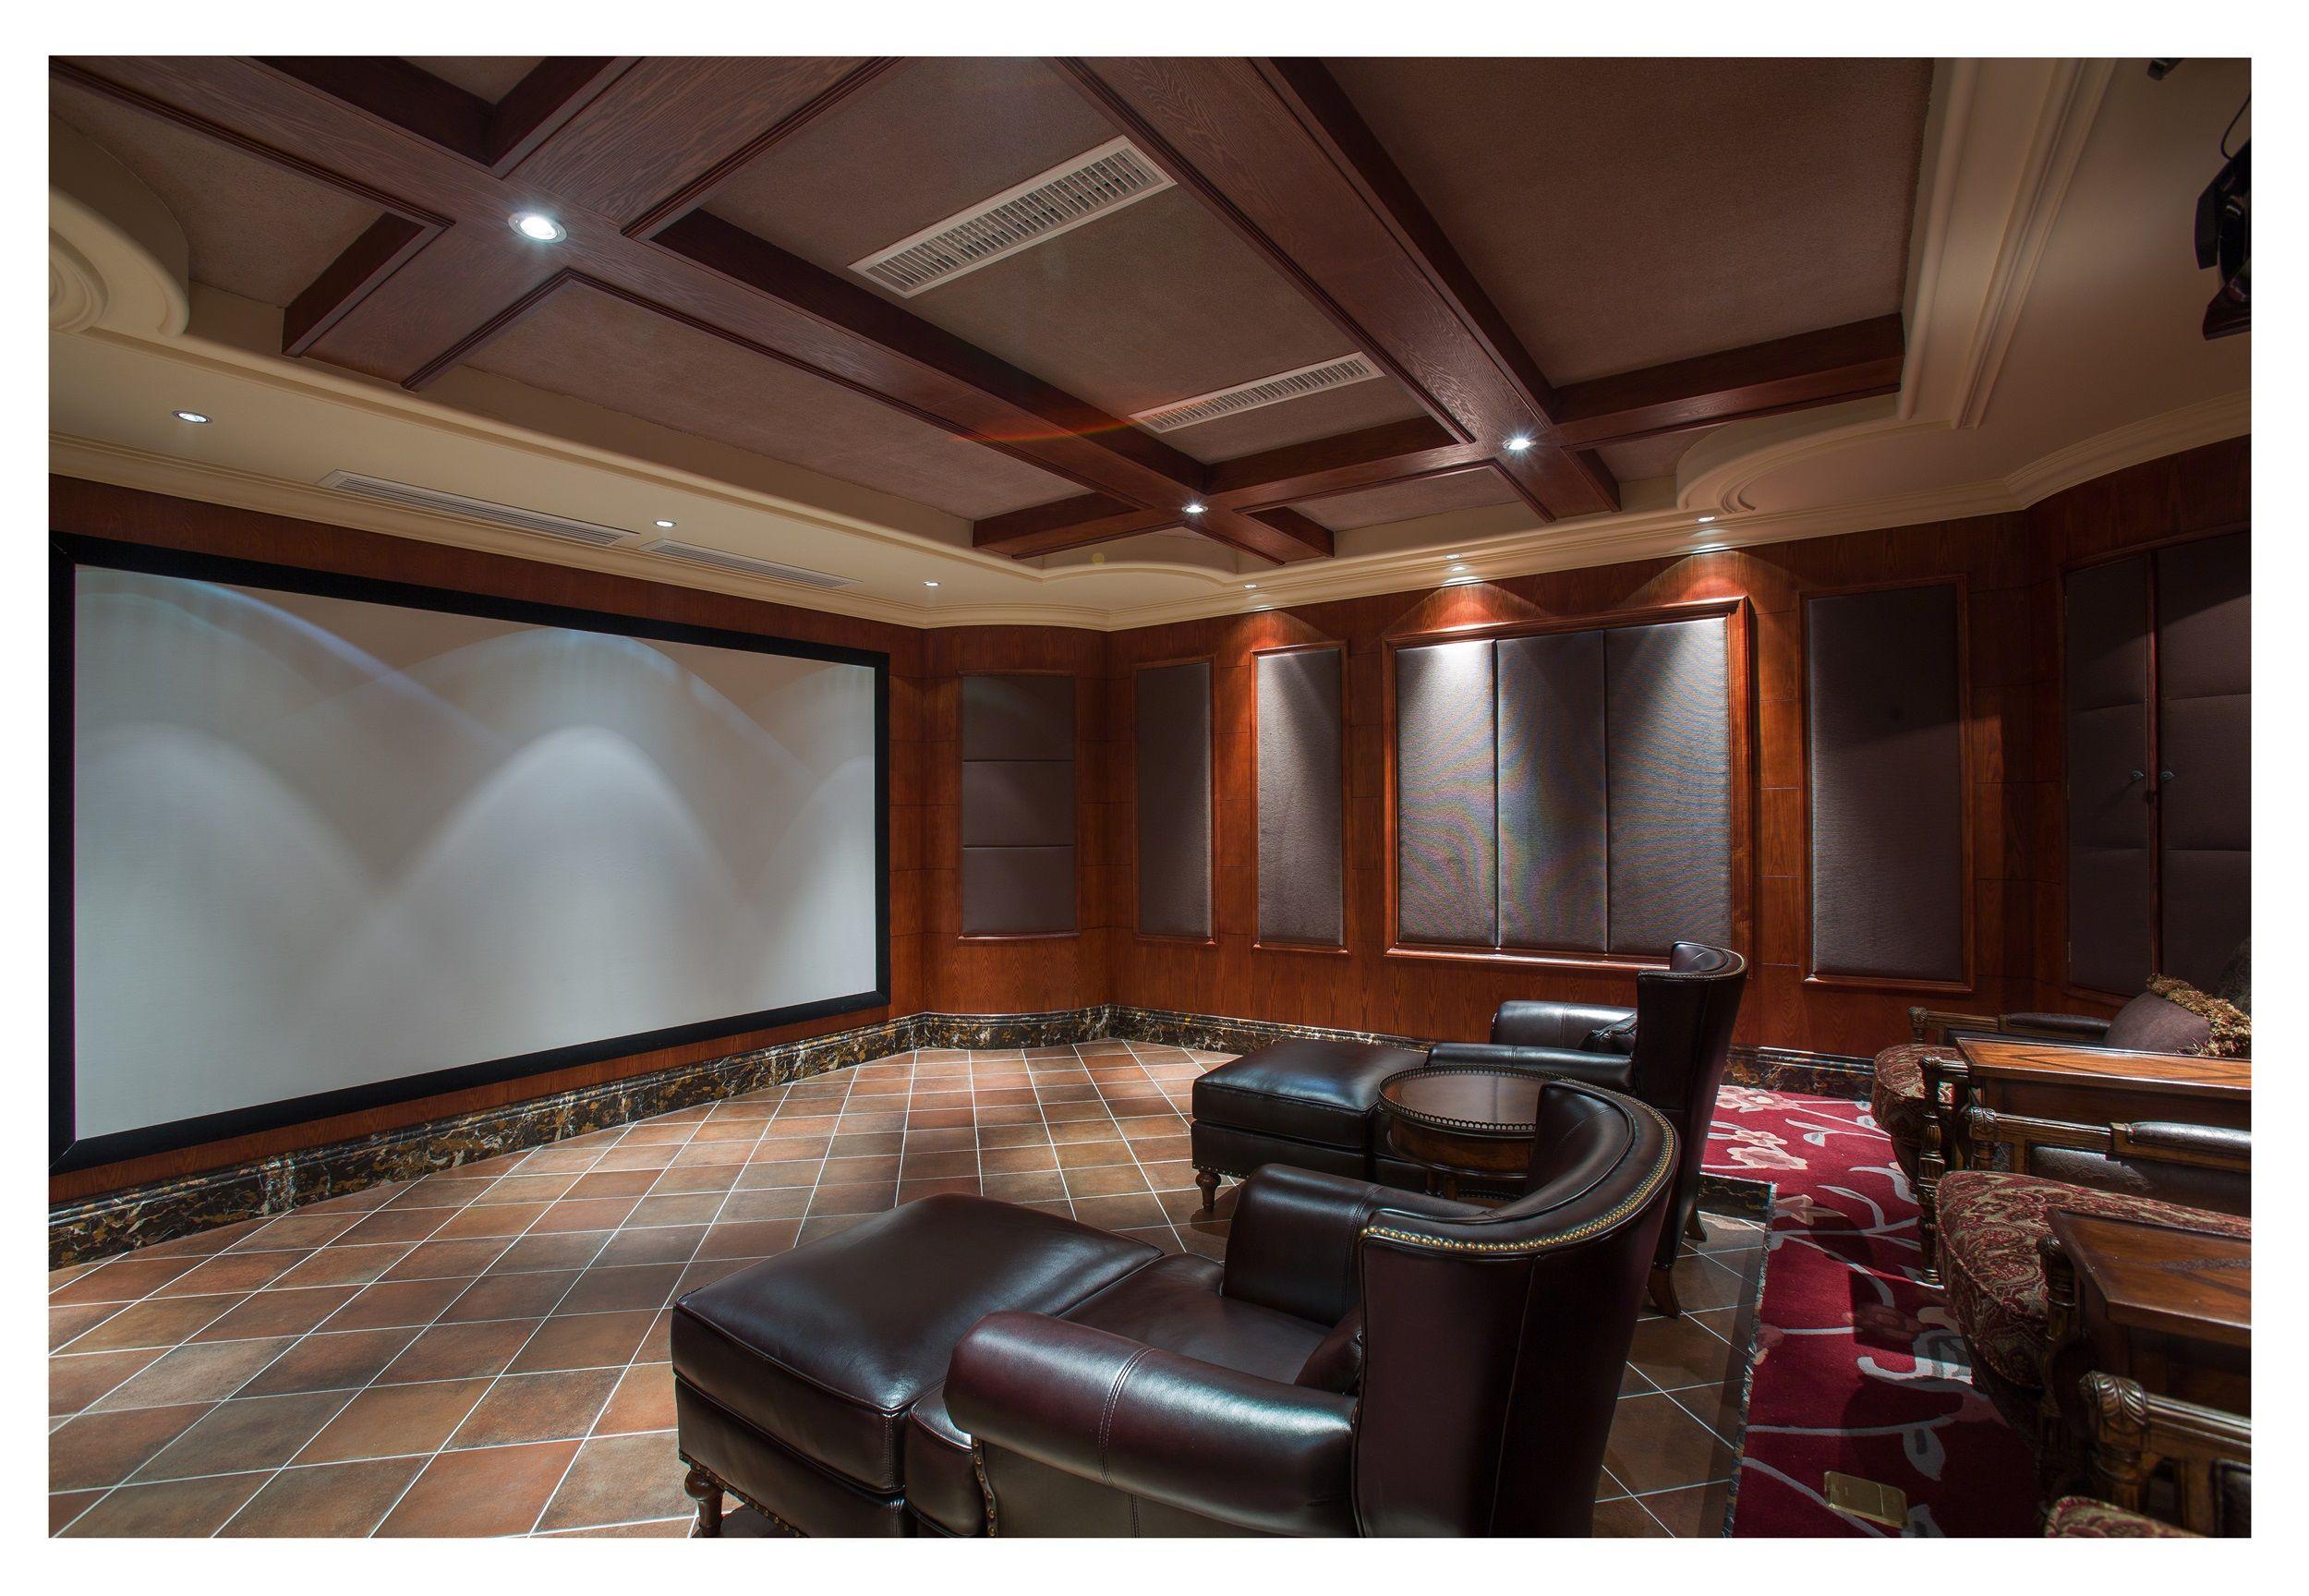 地下室提供了休闲娱乐功能,台球室,桌游室,影视厅,休闲茶吧.